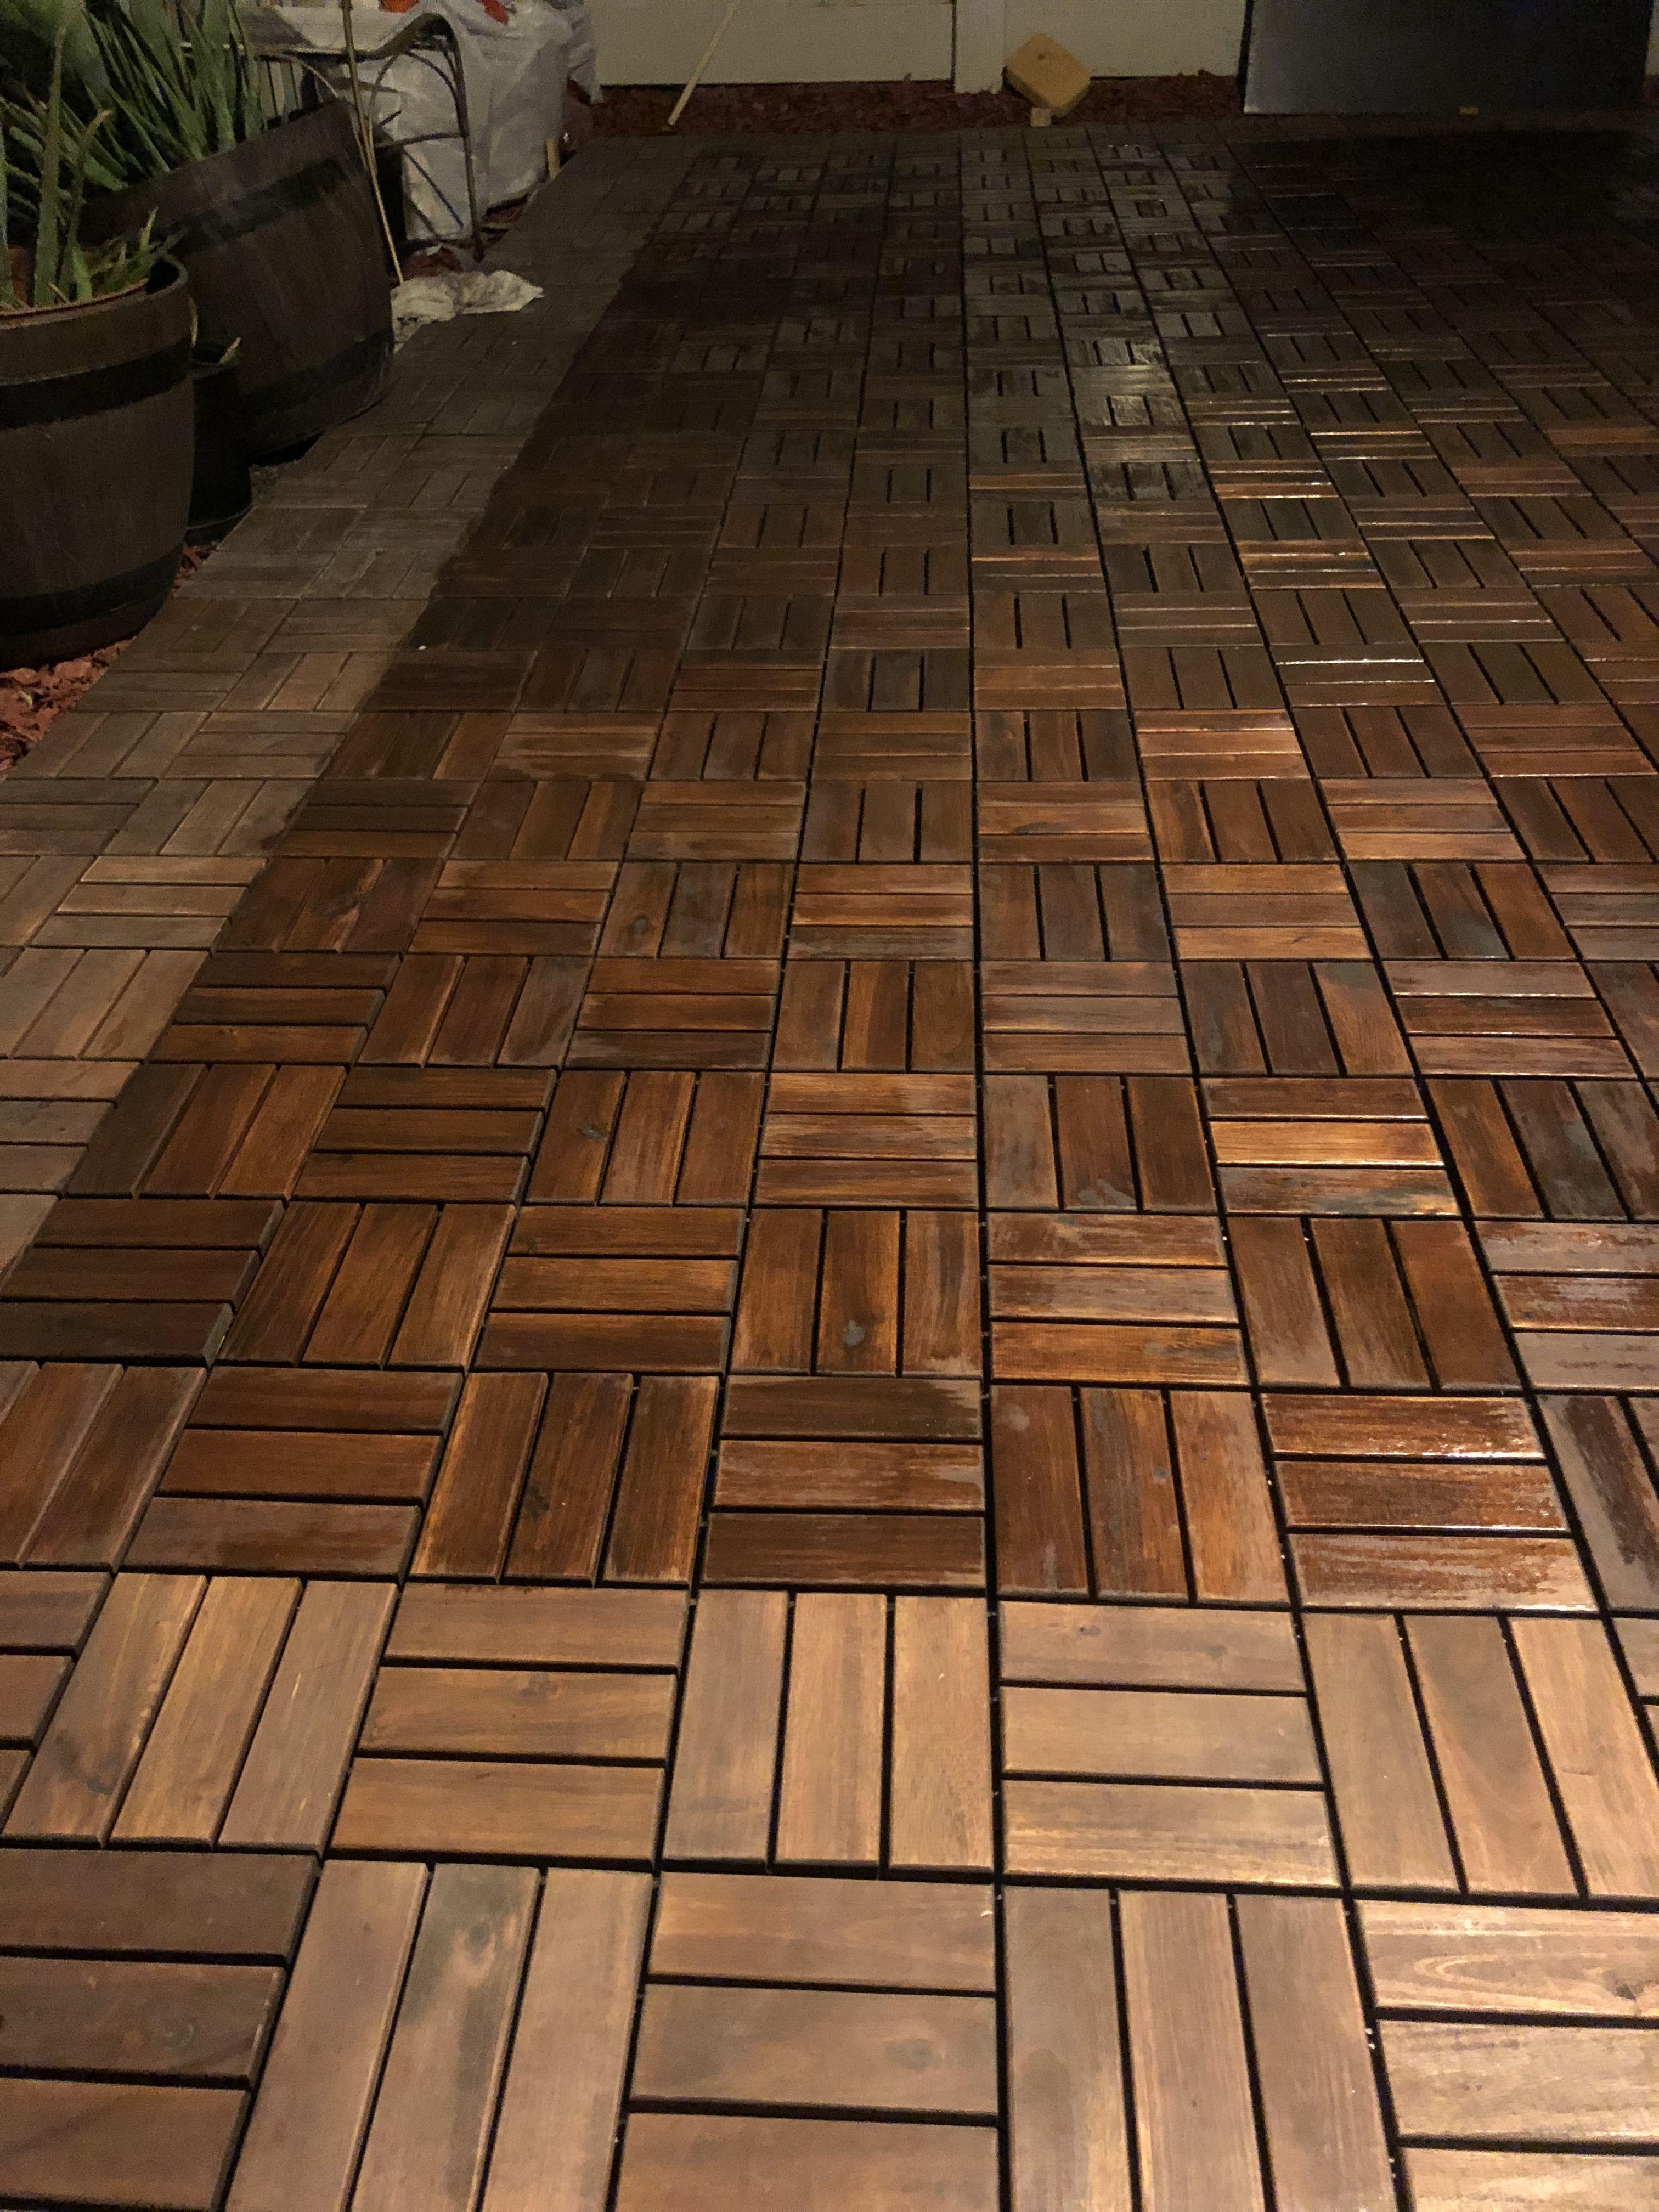 Diy Outdoor Patio Decking With Ikea Platta Patio Flooring Patio